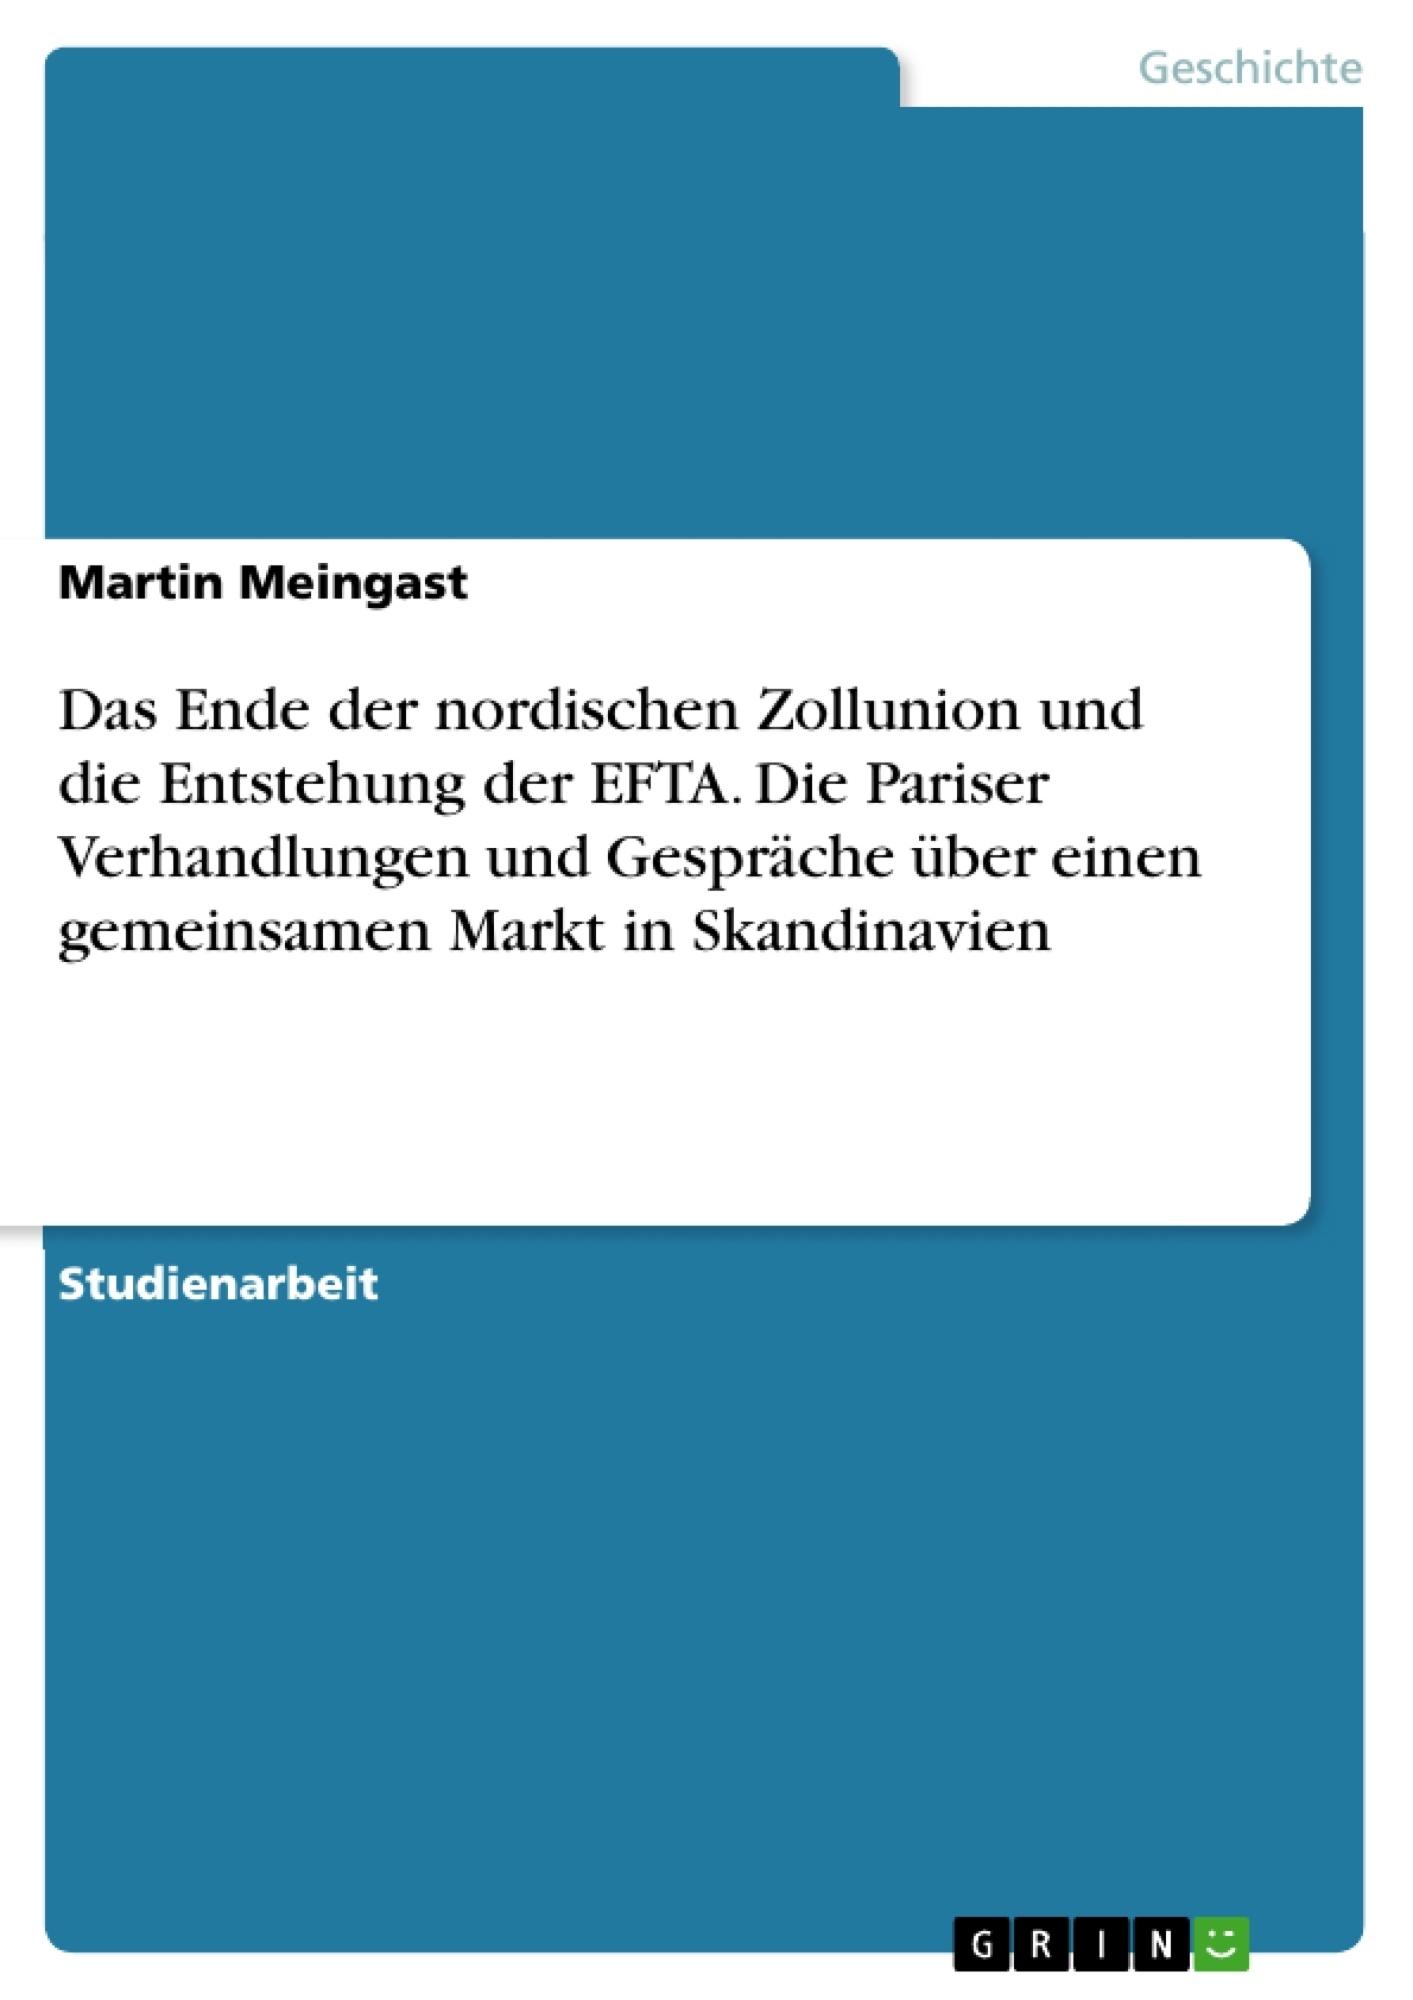 Titel: Das Ende der nordischen Zollunion und die Entstehung der EFTA. Die Pariser Verhandlungen und Gespräche über einen gemeinsamen Markt in Skandinavien